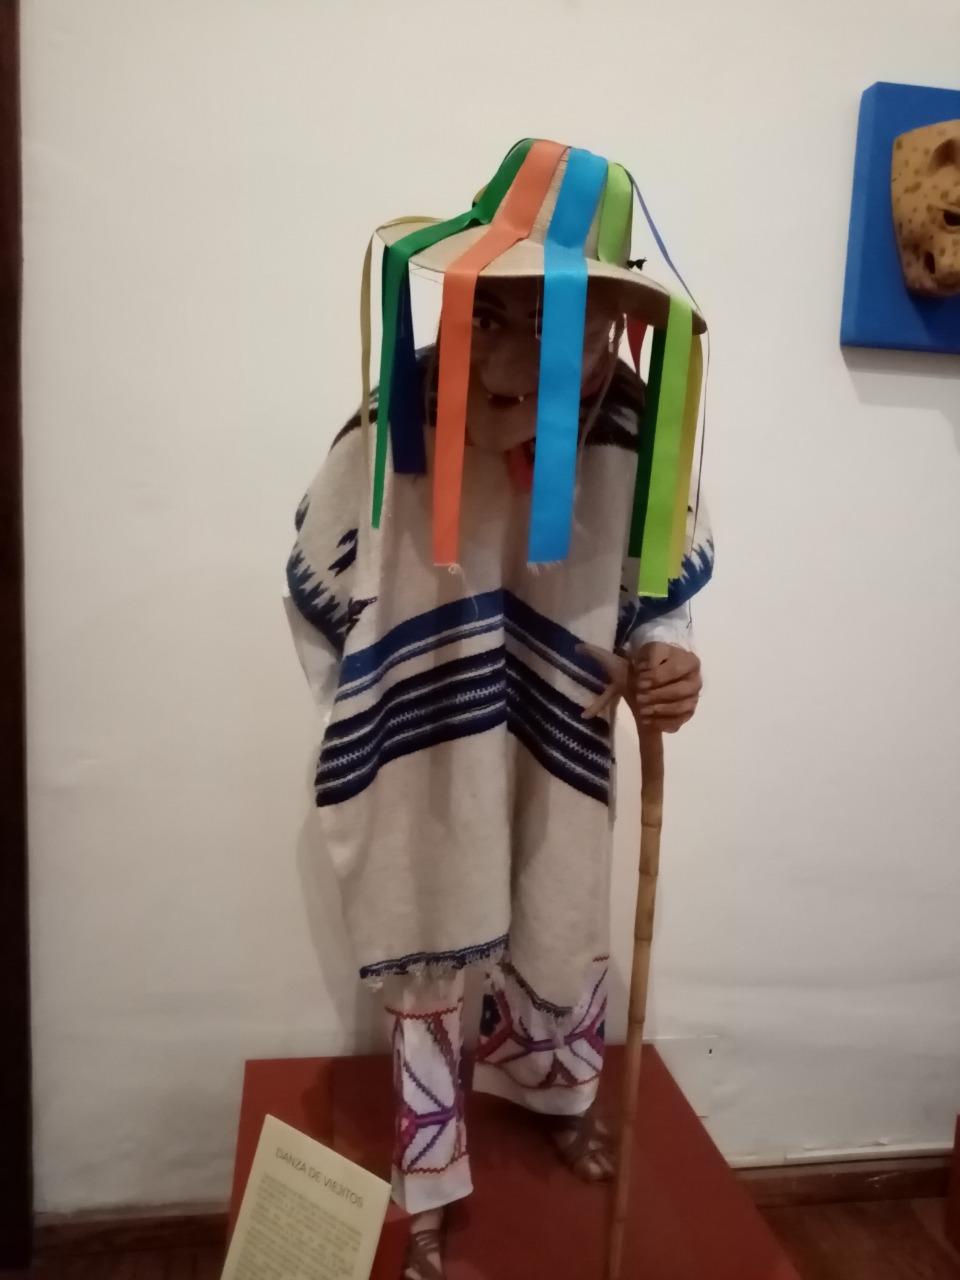 La Secretaría de Cultura de San Luis Potosí, invita al público a visitar de forma virtual el Museo Nacional de la Máscara y conocer cada una de sus salas